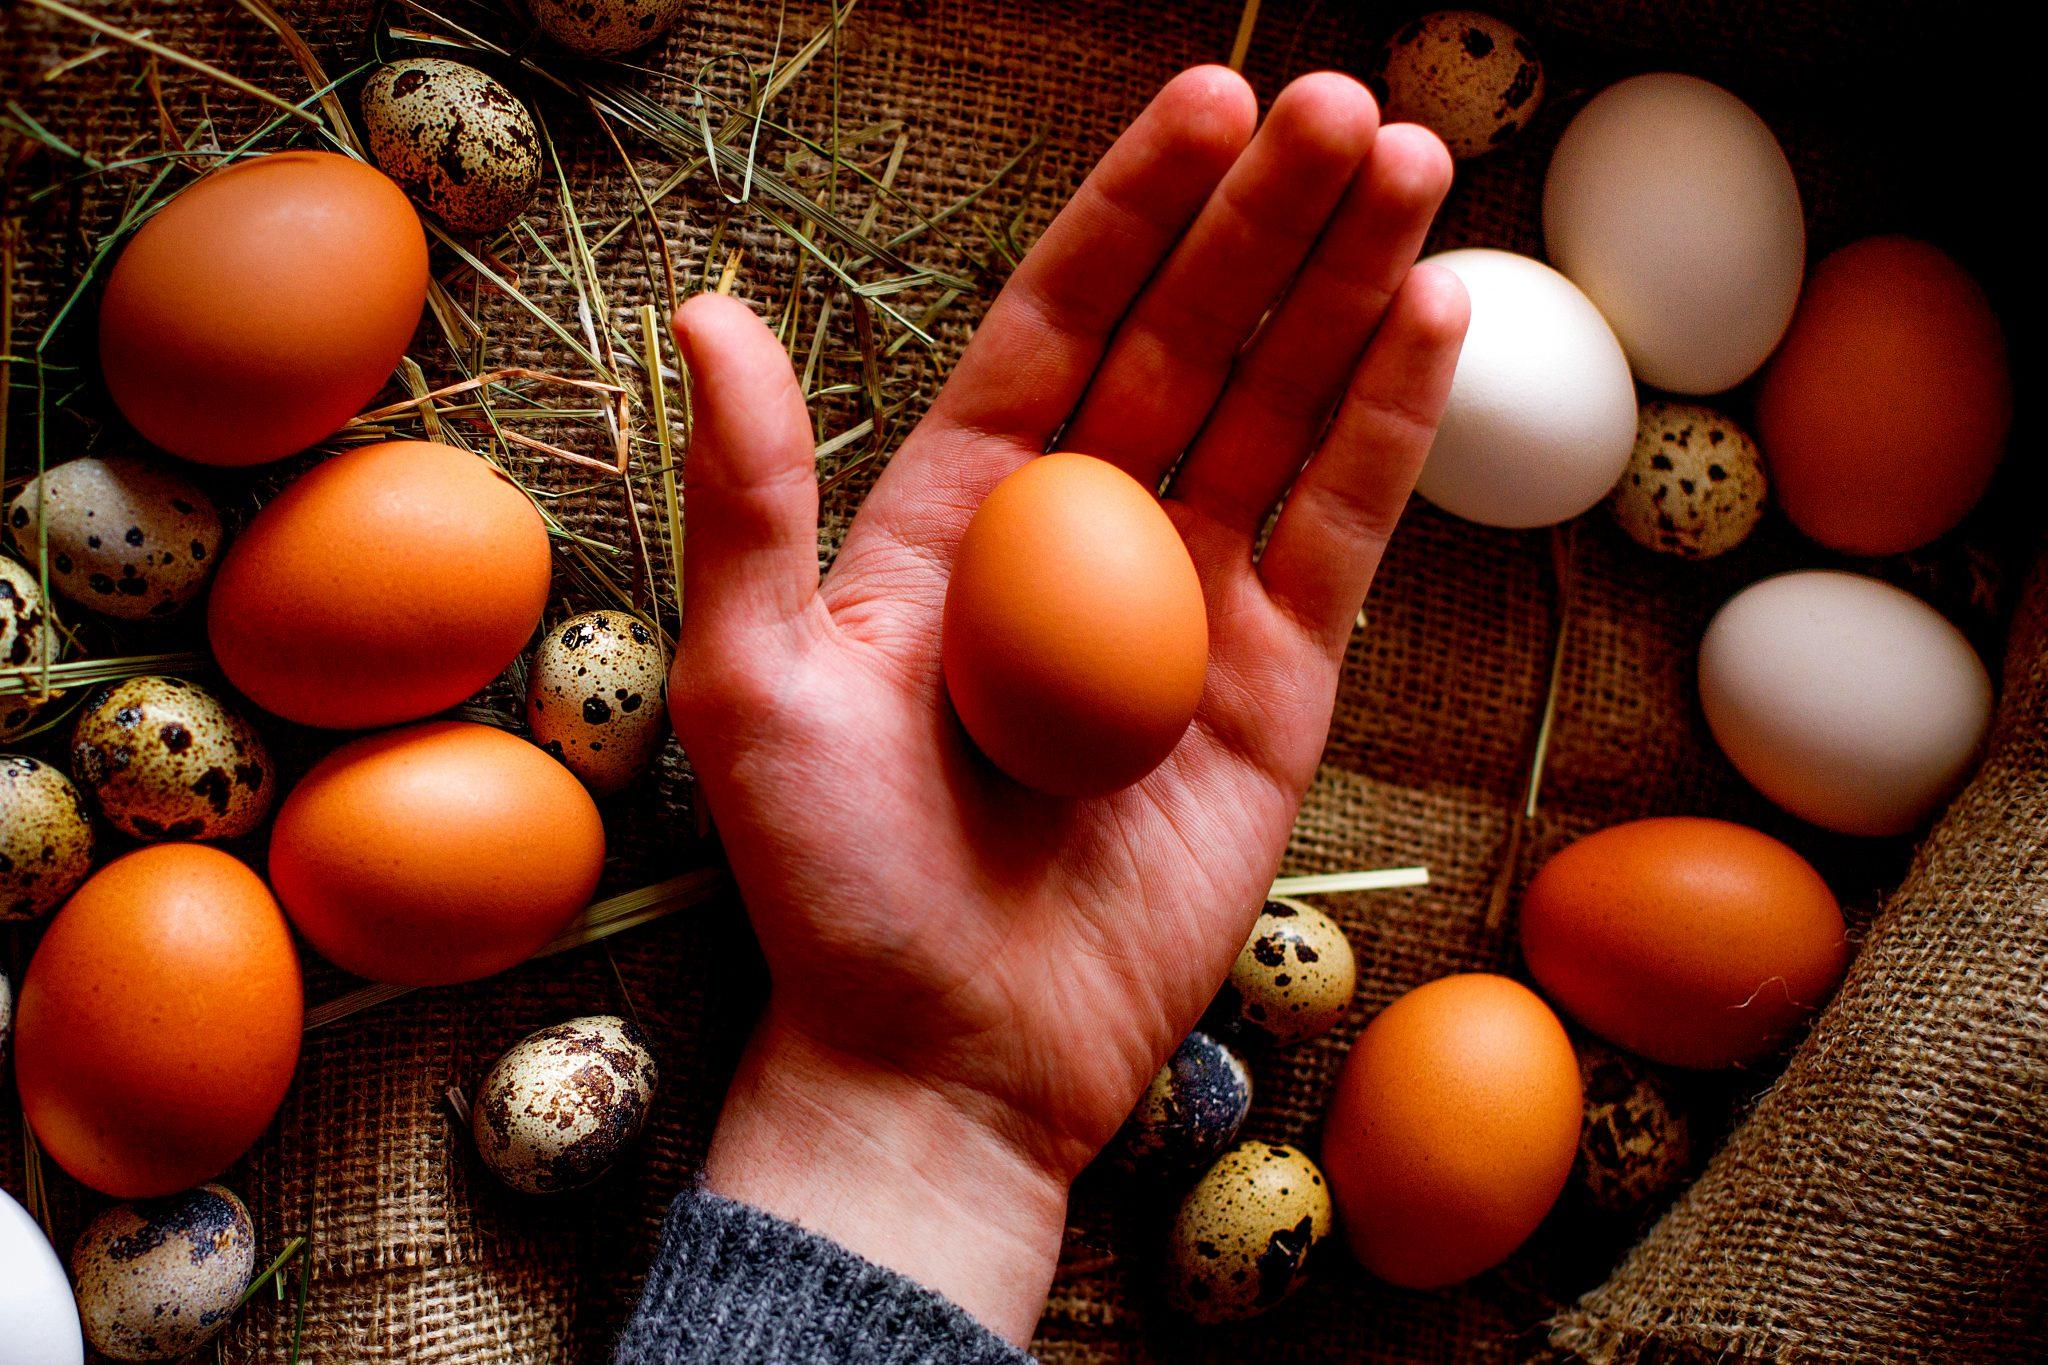 卵を手のひらに乗せいている人